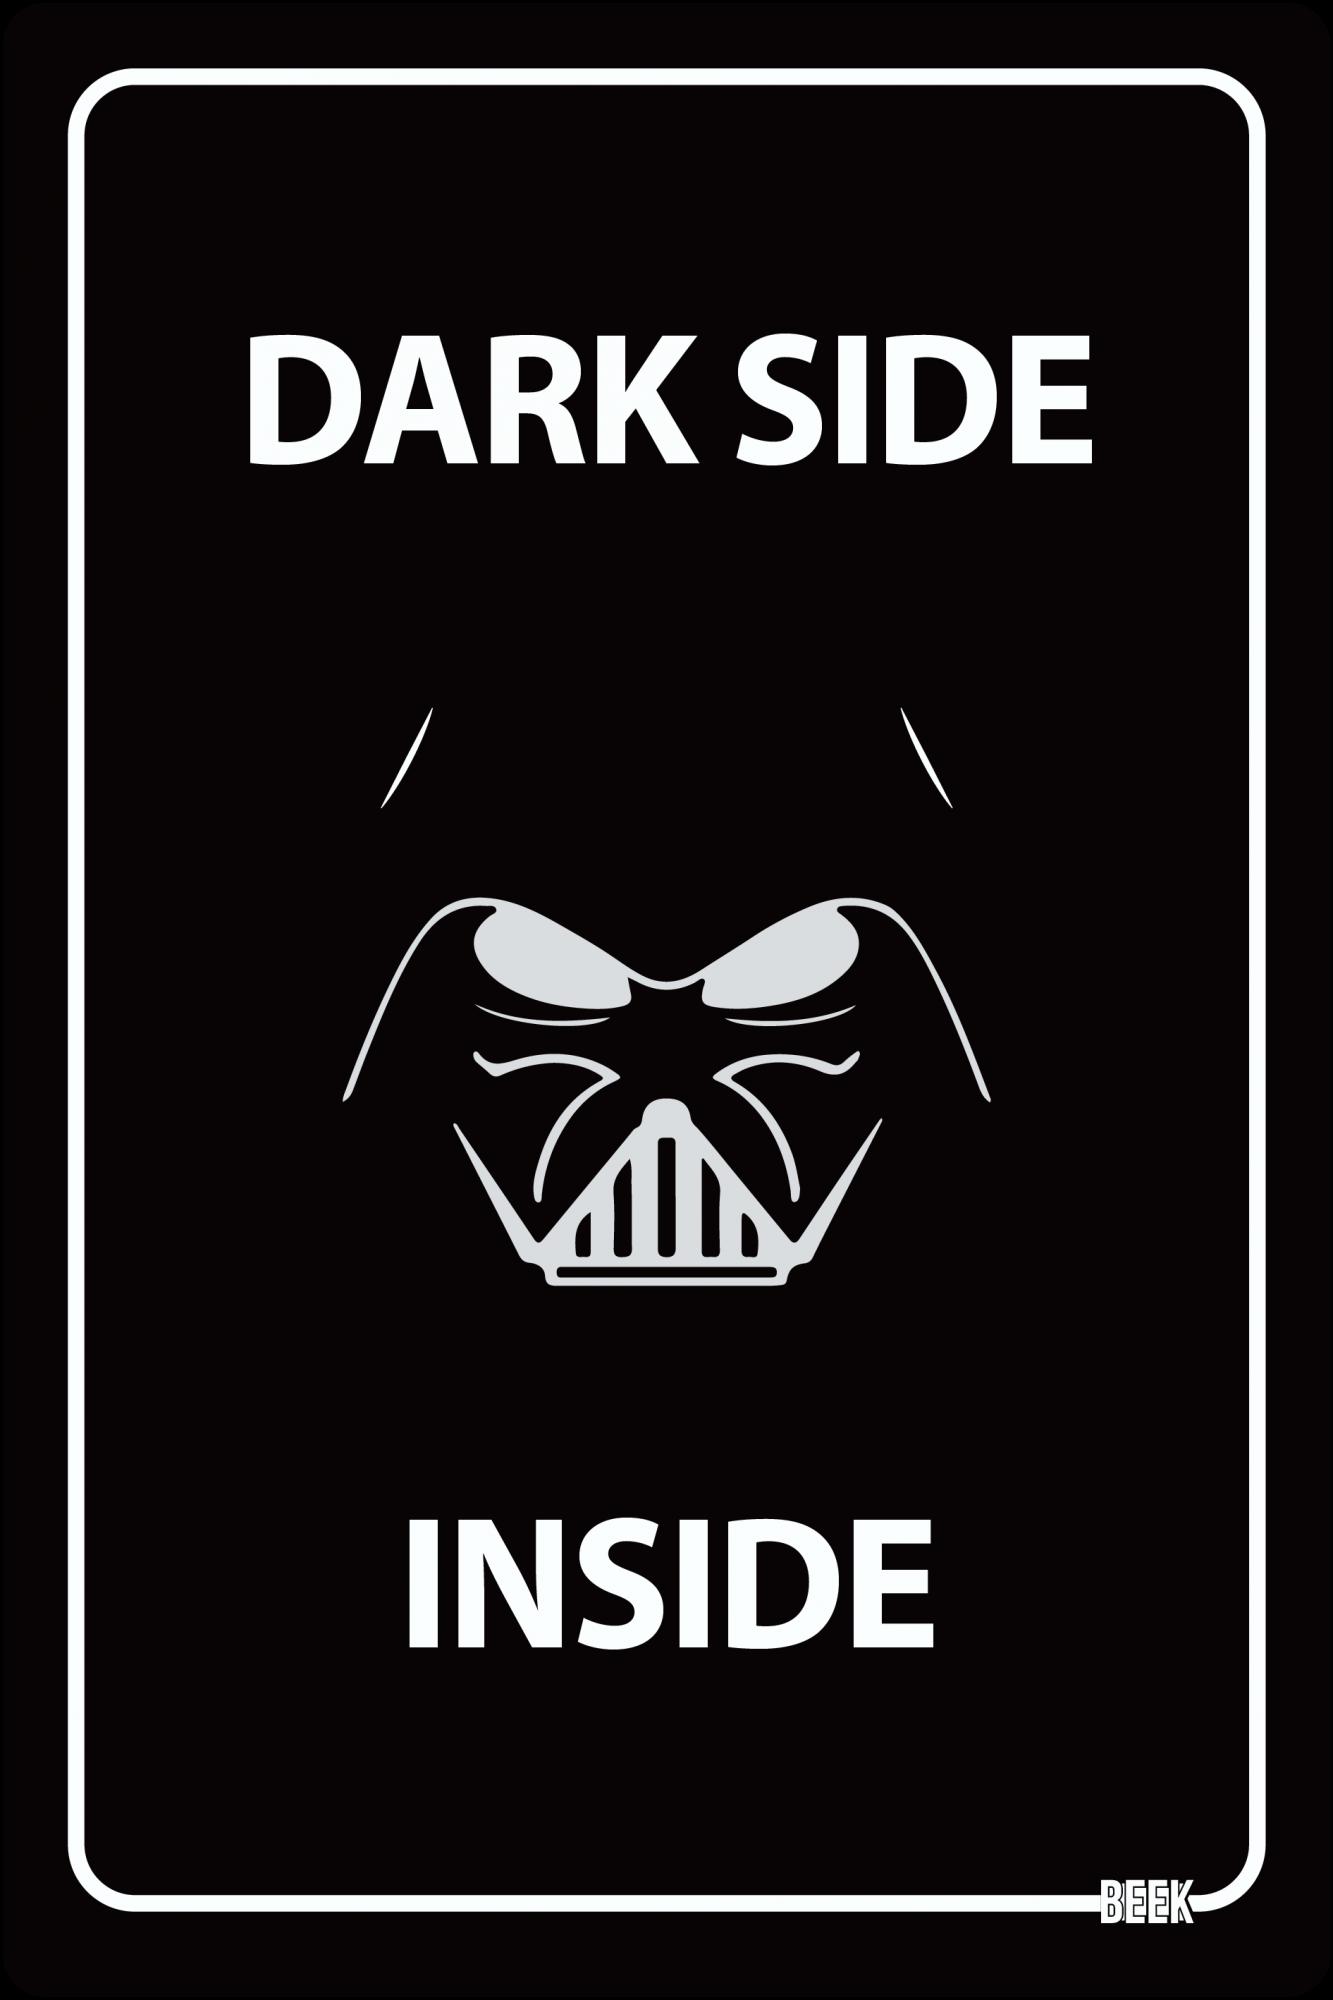 Placa Decorativa Dark Side Inside - Star Wars Darth Vader